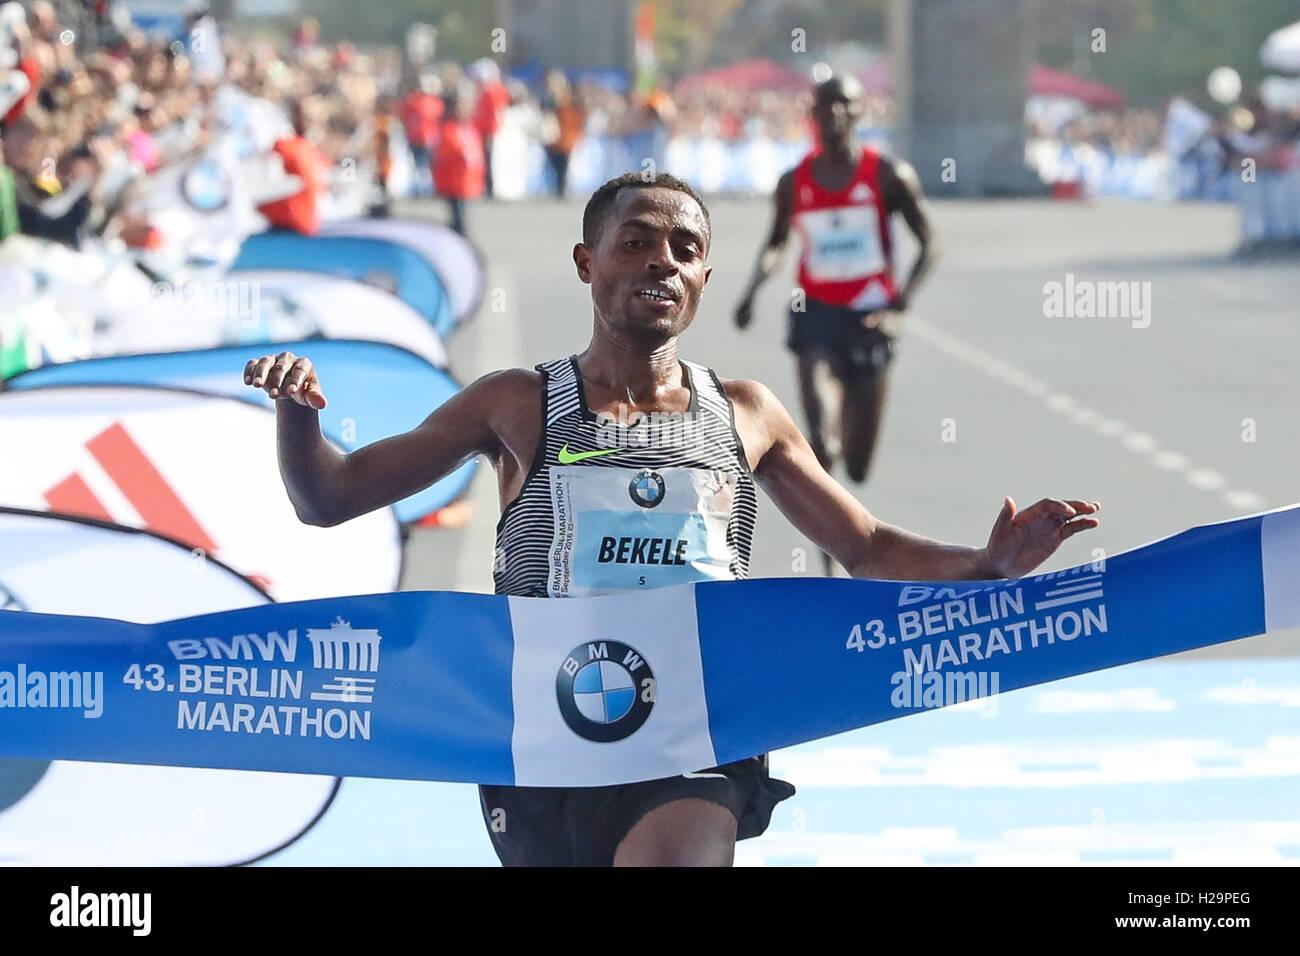 Berlin, Deutschland. 25. September 2016. Kenenisa Bekele (ETH) gewann die 43. Berlin-Marathon in Berlin statt. Bildnachweis: Stockbild